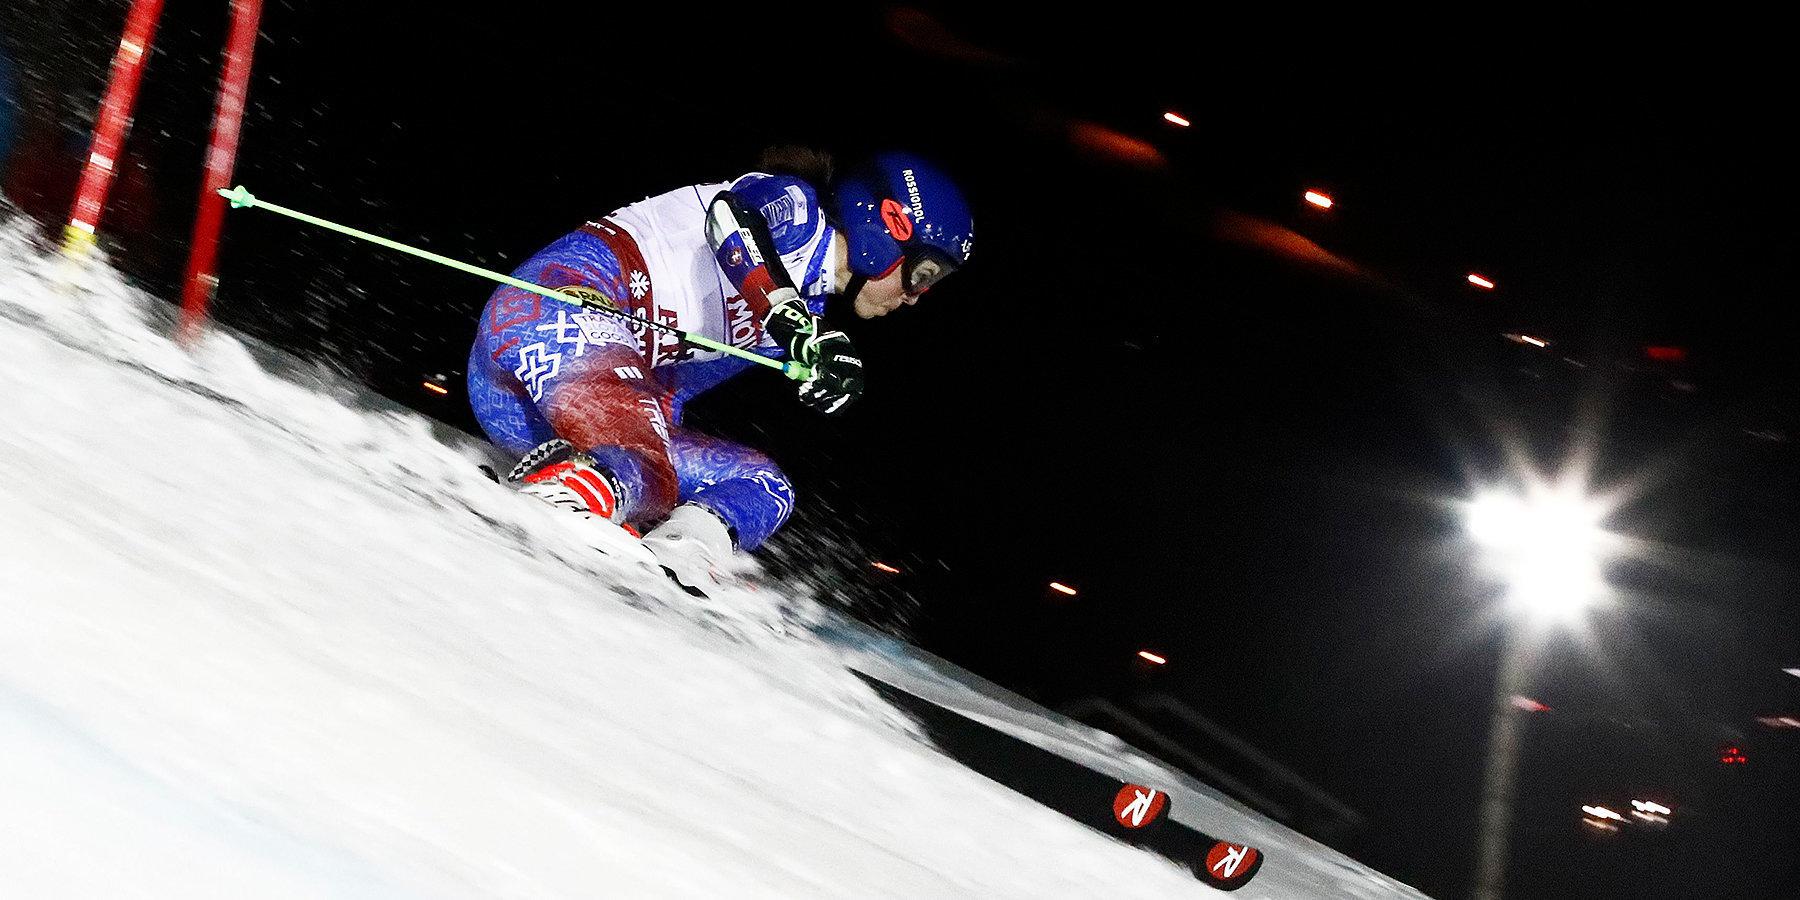 Олимпийская чемпионка Сочи горнолыжница Файт завершила карьеру